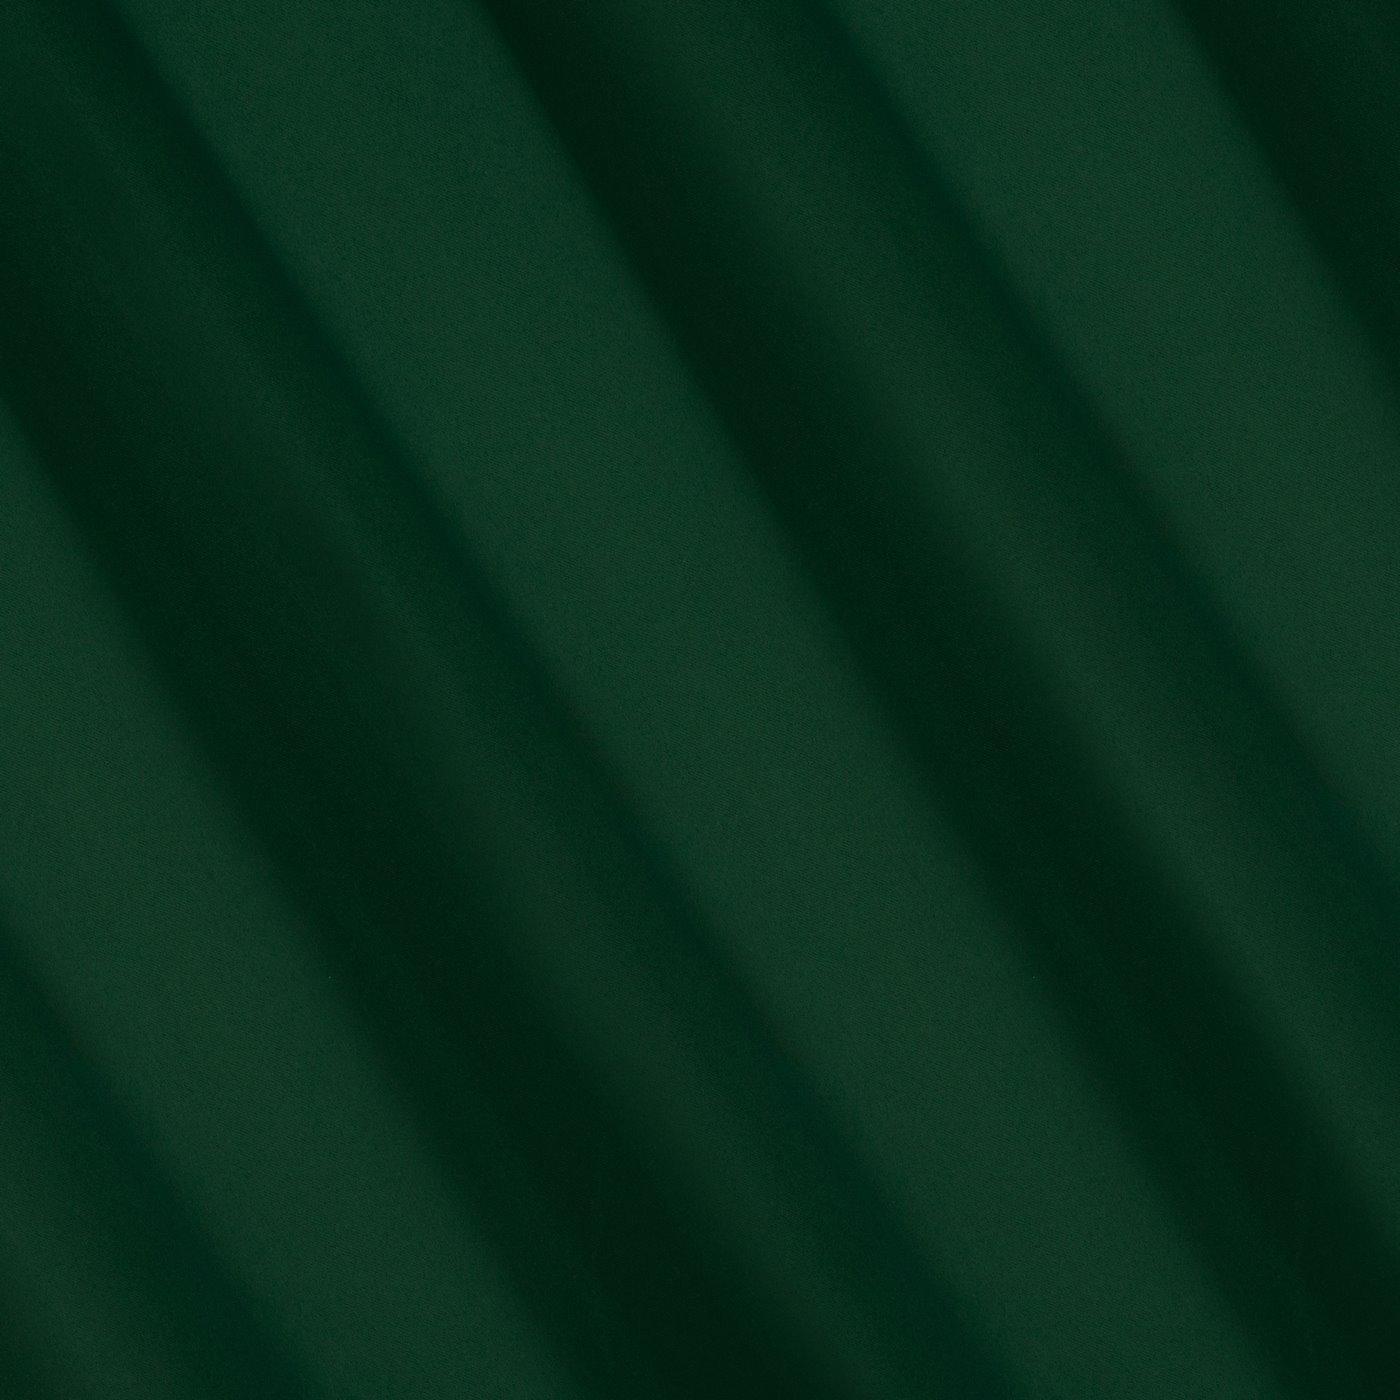 Ciemnozielona zasłona zaciemniająca 135x250 przelotki